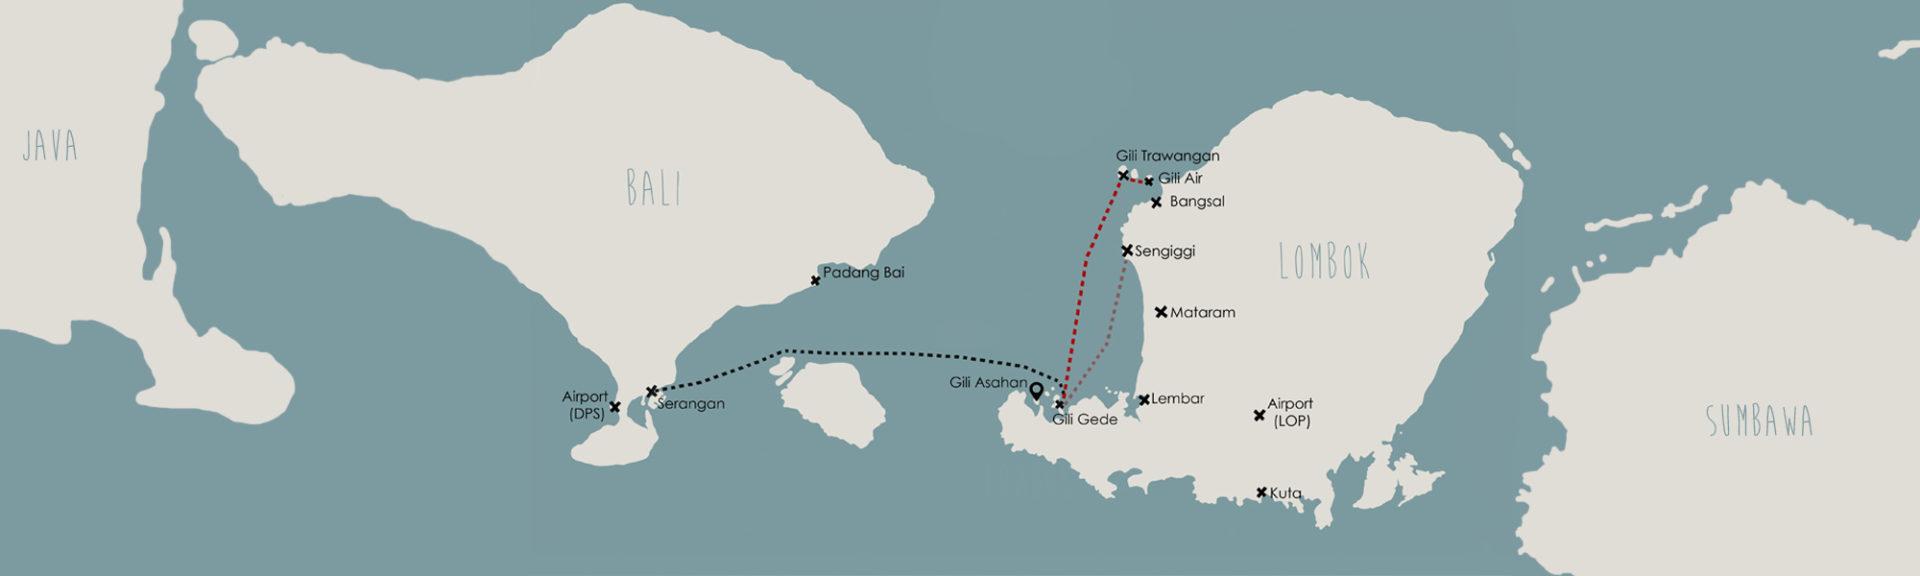 Gili Getaway Fast Boat Lombok Bali Gili Asahan